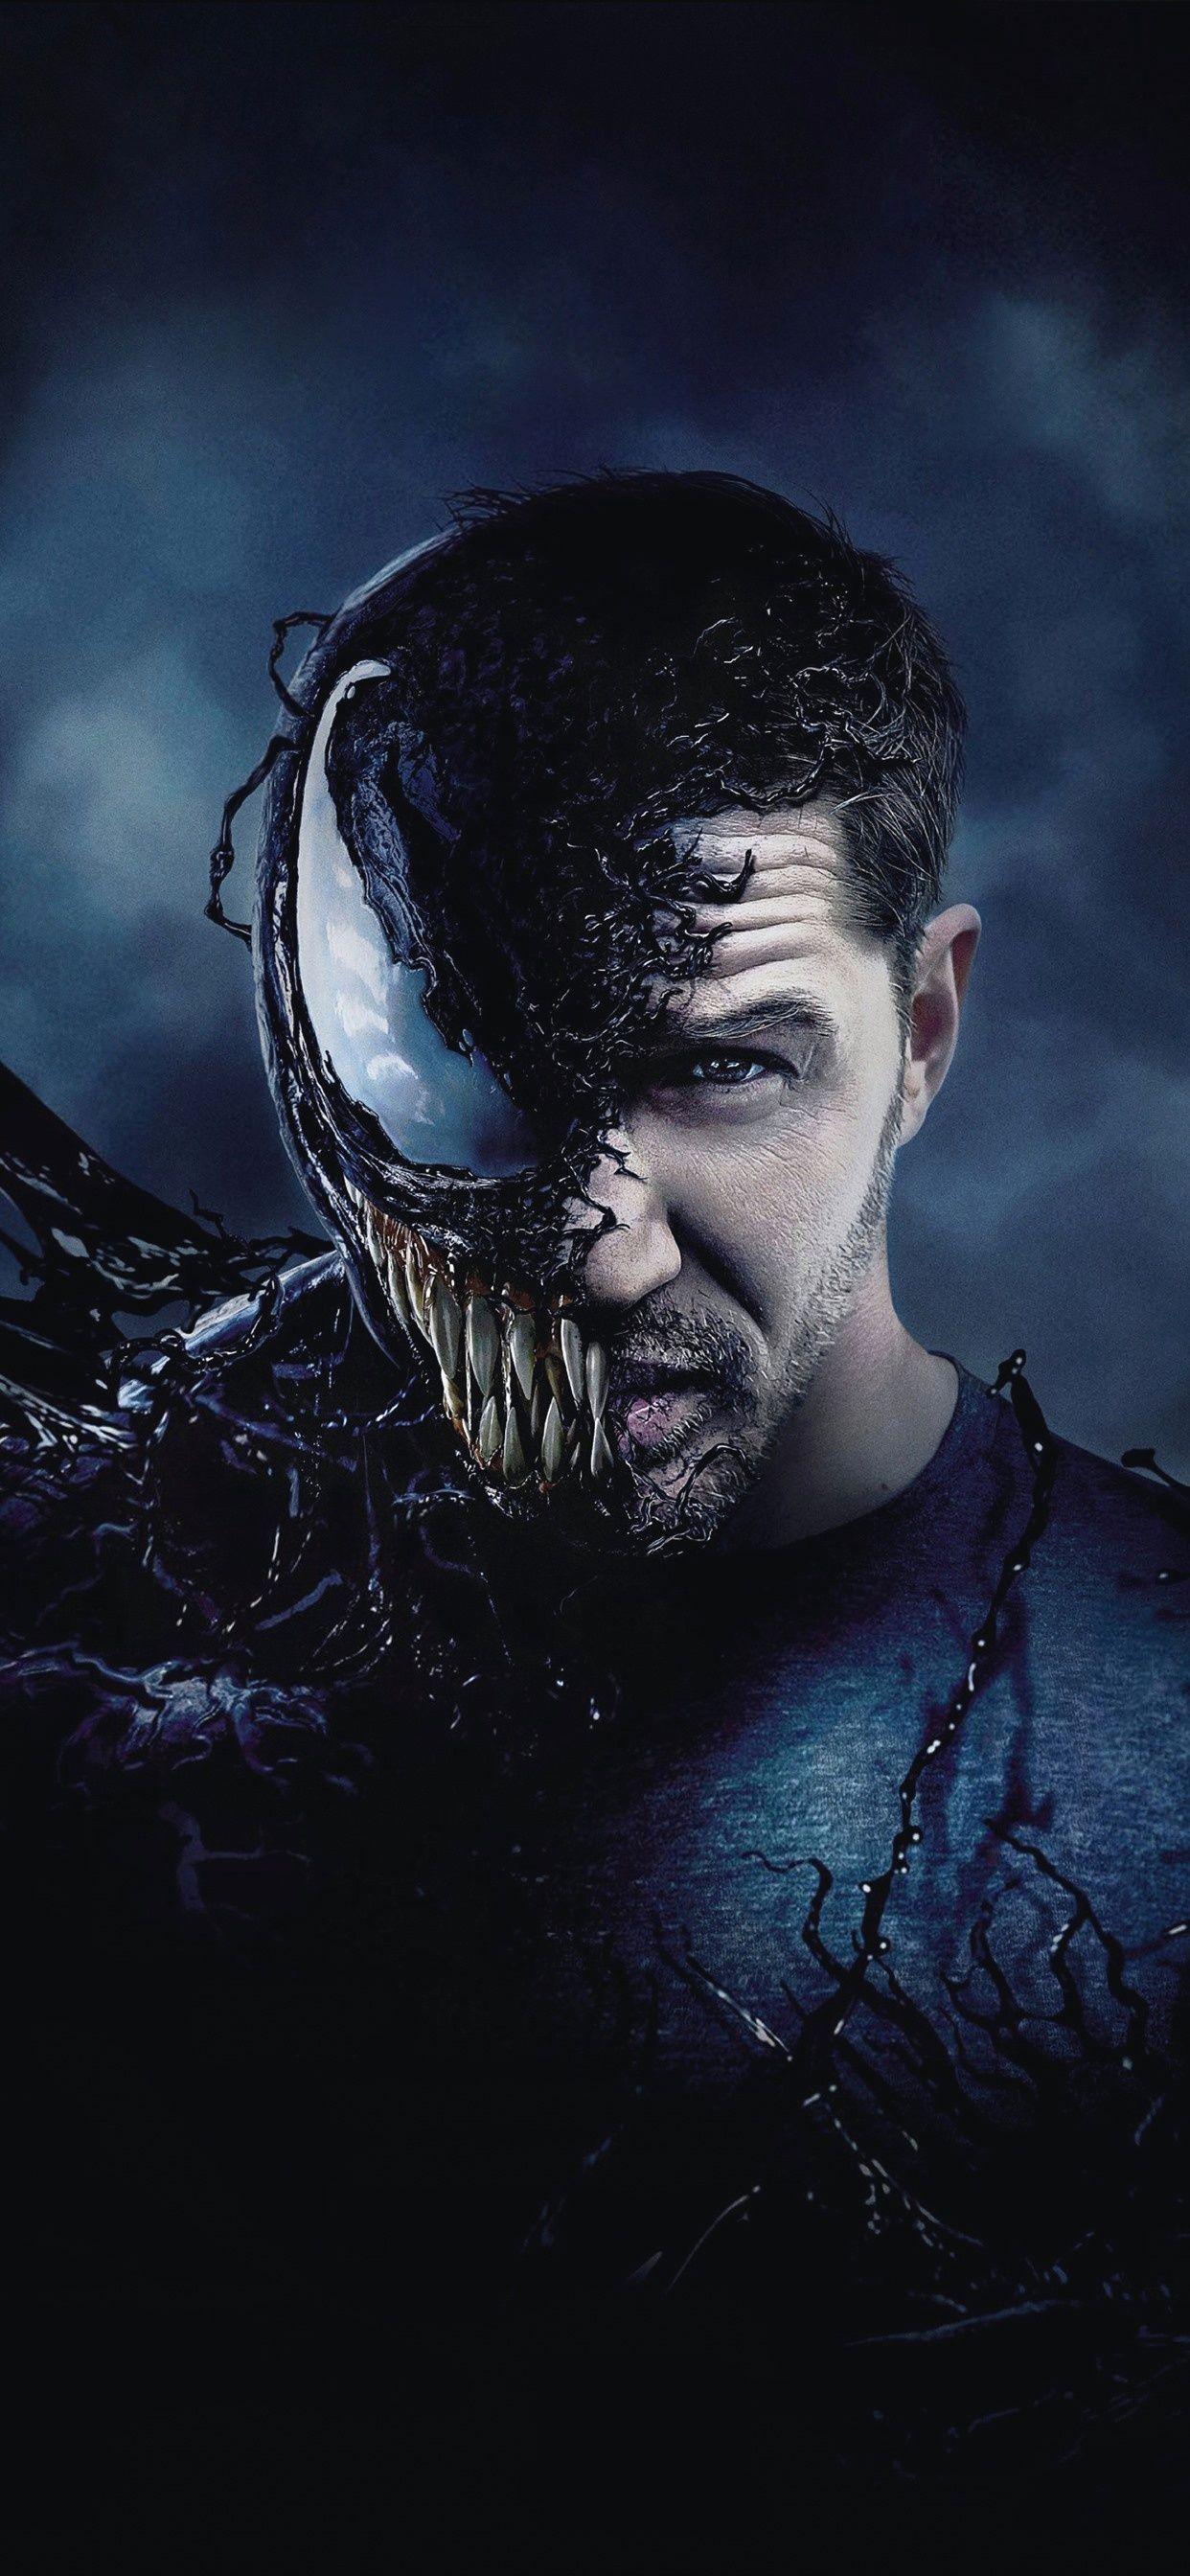 Tom Hardy Venom 2018 1242x2688 Iphone Xs Max Wallpaper Marvel Movie Posters Marvel Posters Marvel Iphone Wallpaper